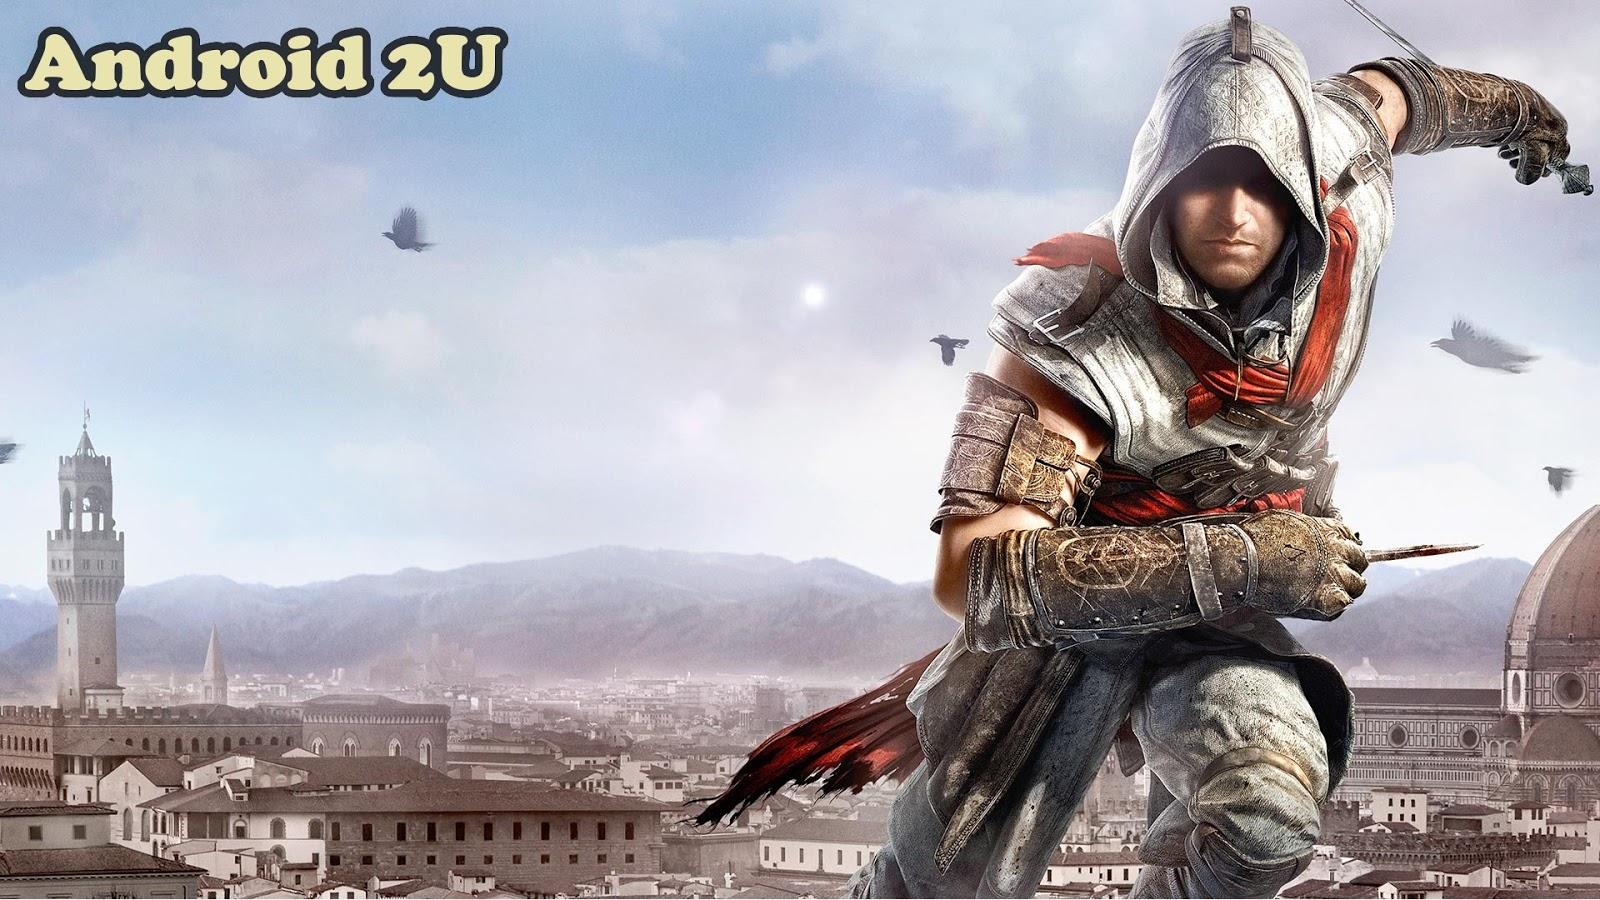 تحميل لعبة assassin creed 4 للاندرويد